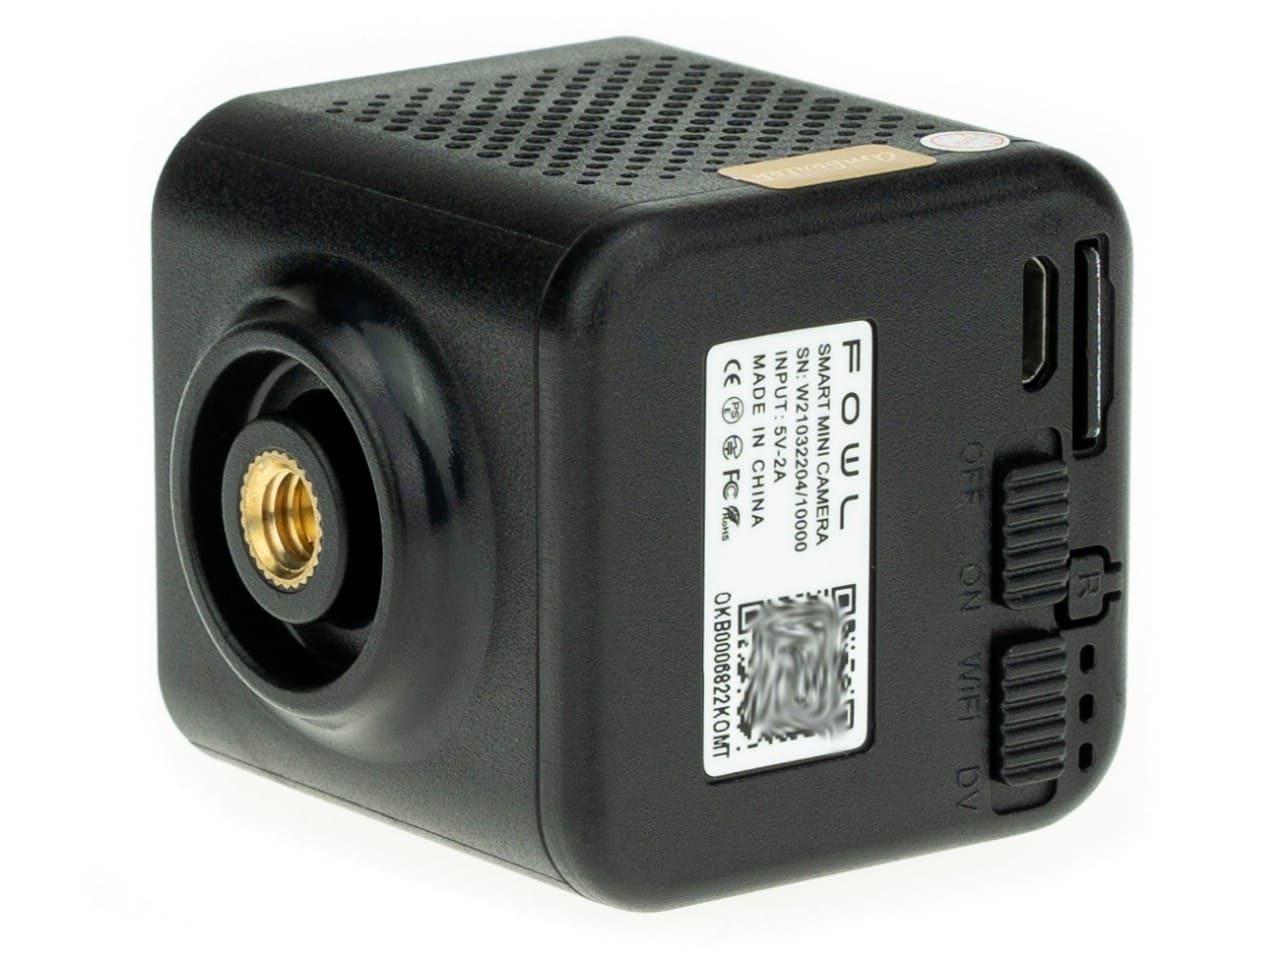 IP мини камера Ambertek Q85S FOWL